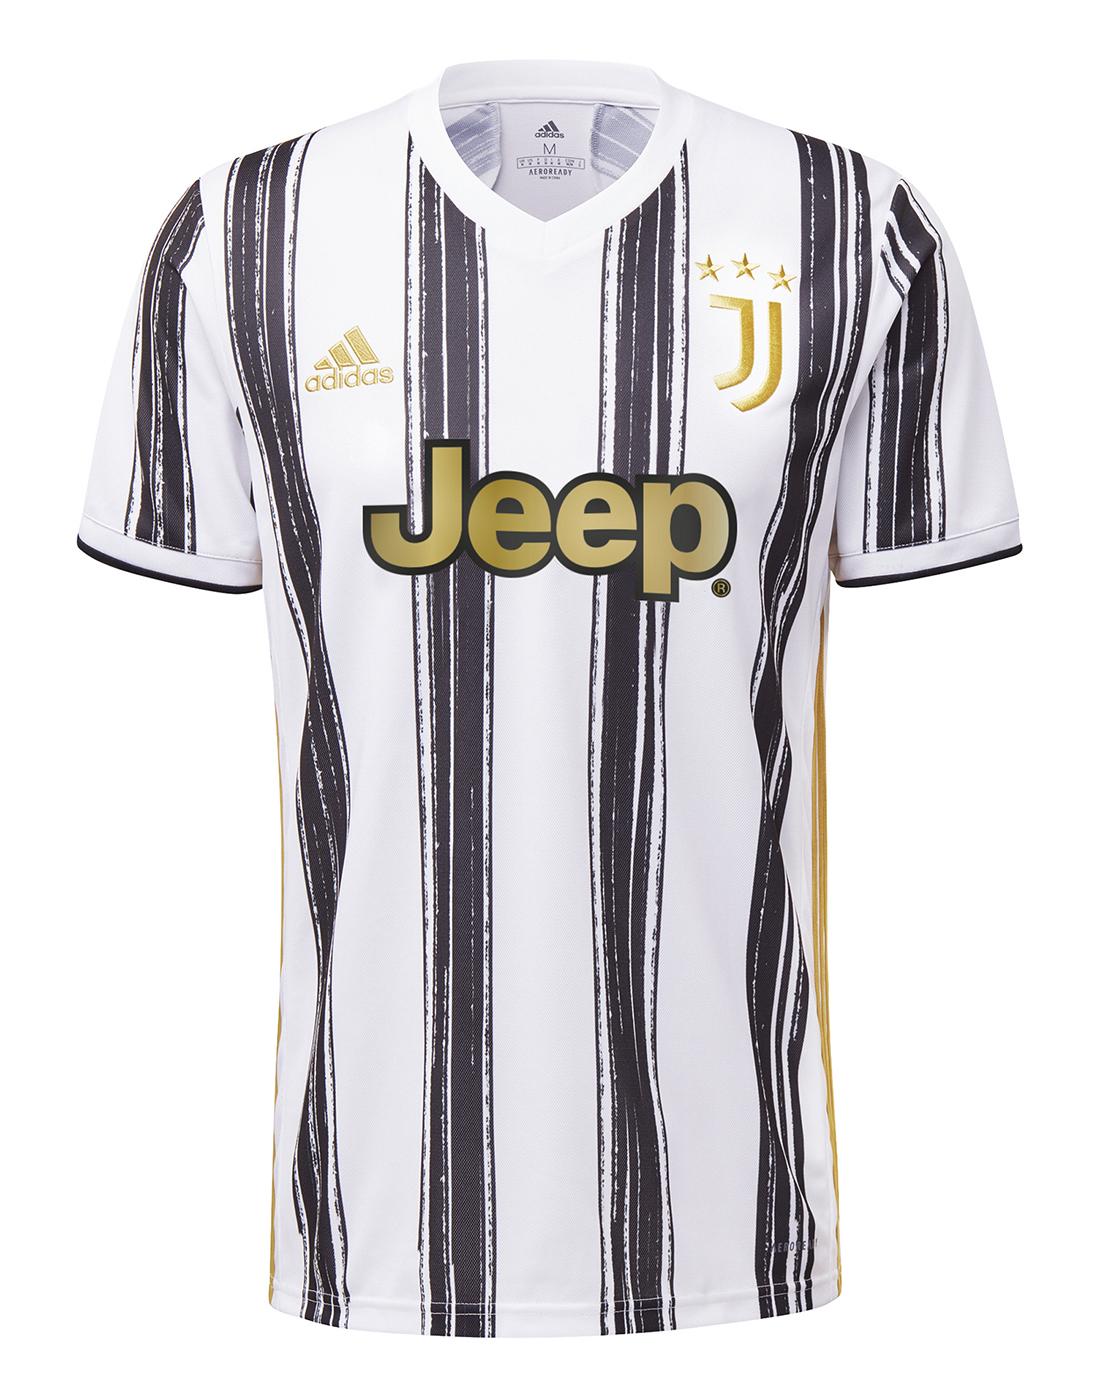 adidas Adult Juventus 20/21 Home Jersey - White   Life ...